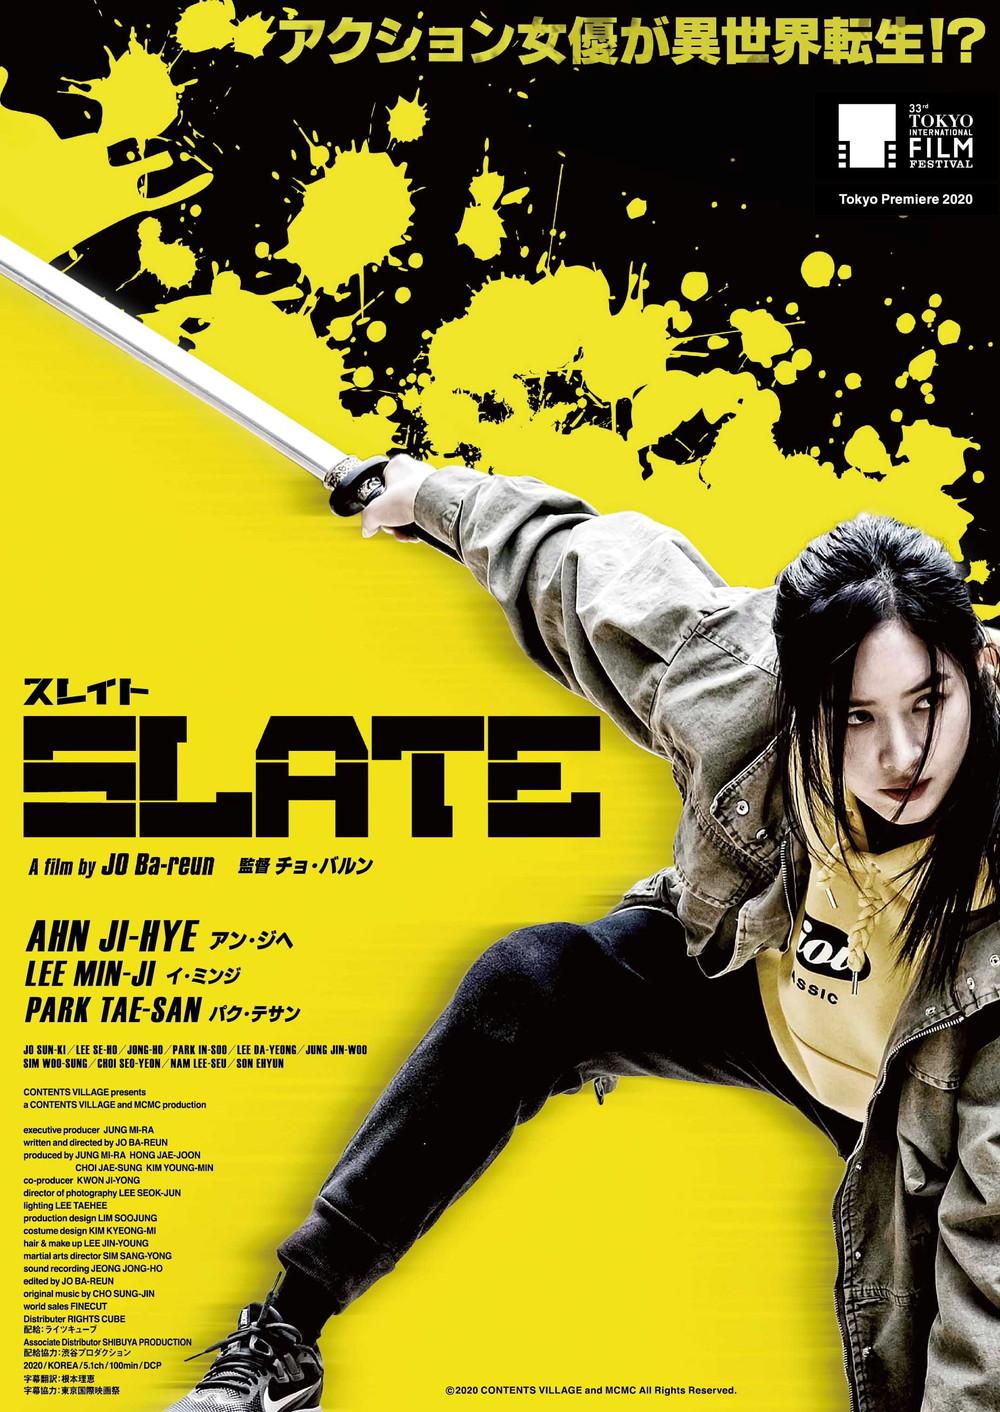 韓国ガールズアクション『スレイト』ポスター